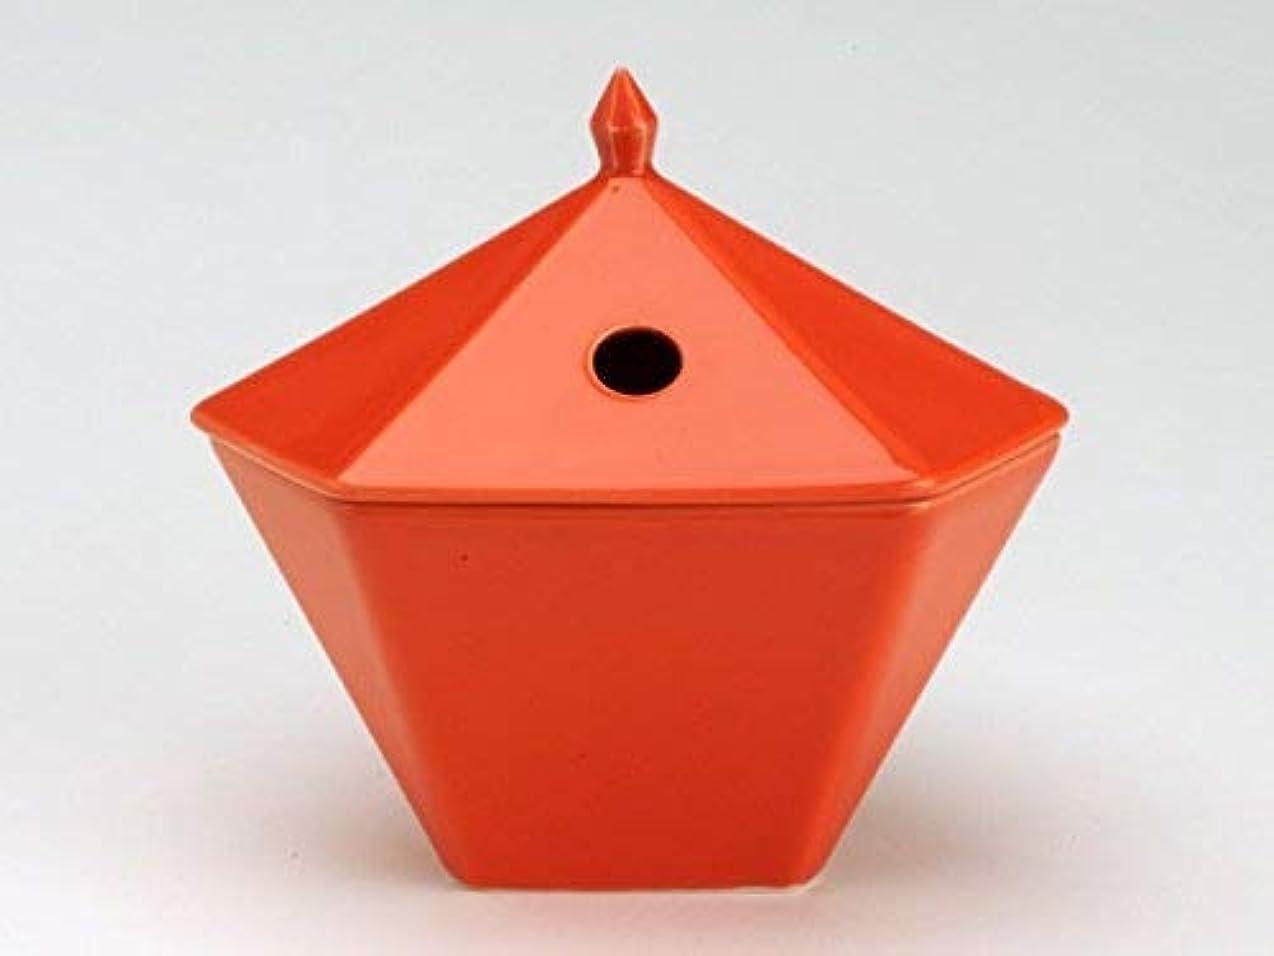 正確な激怒繰り返した縁香炉 橙